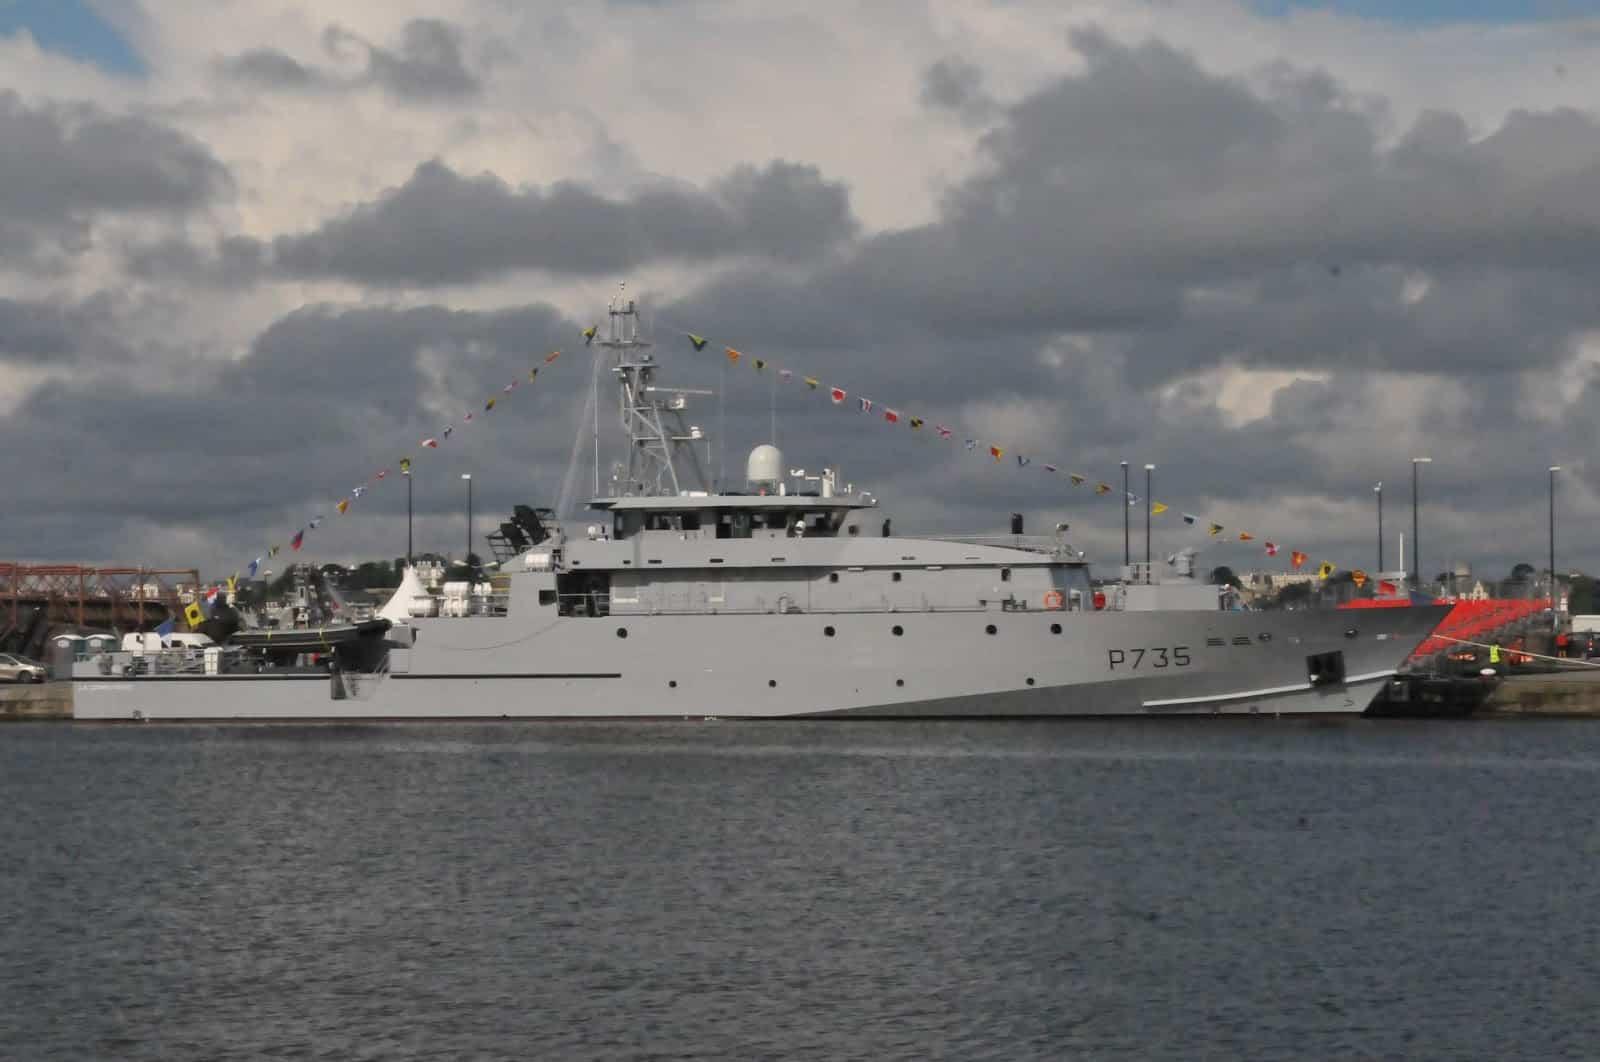 ВМС до кінця 2020 року отримають шість нових катерів українського виробництва, - Міноборони - Цензор.НЕТ 3623